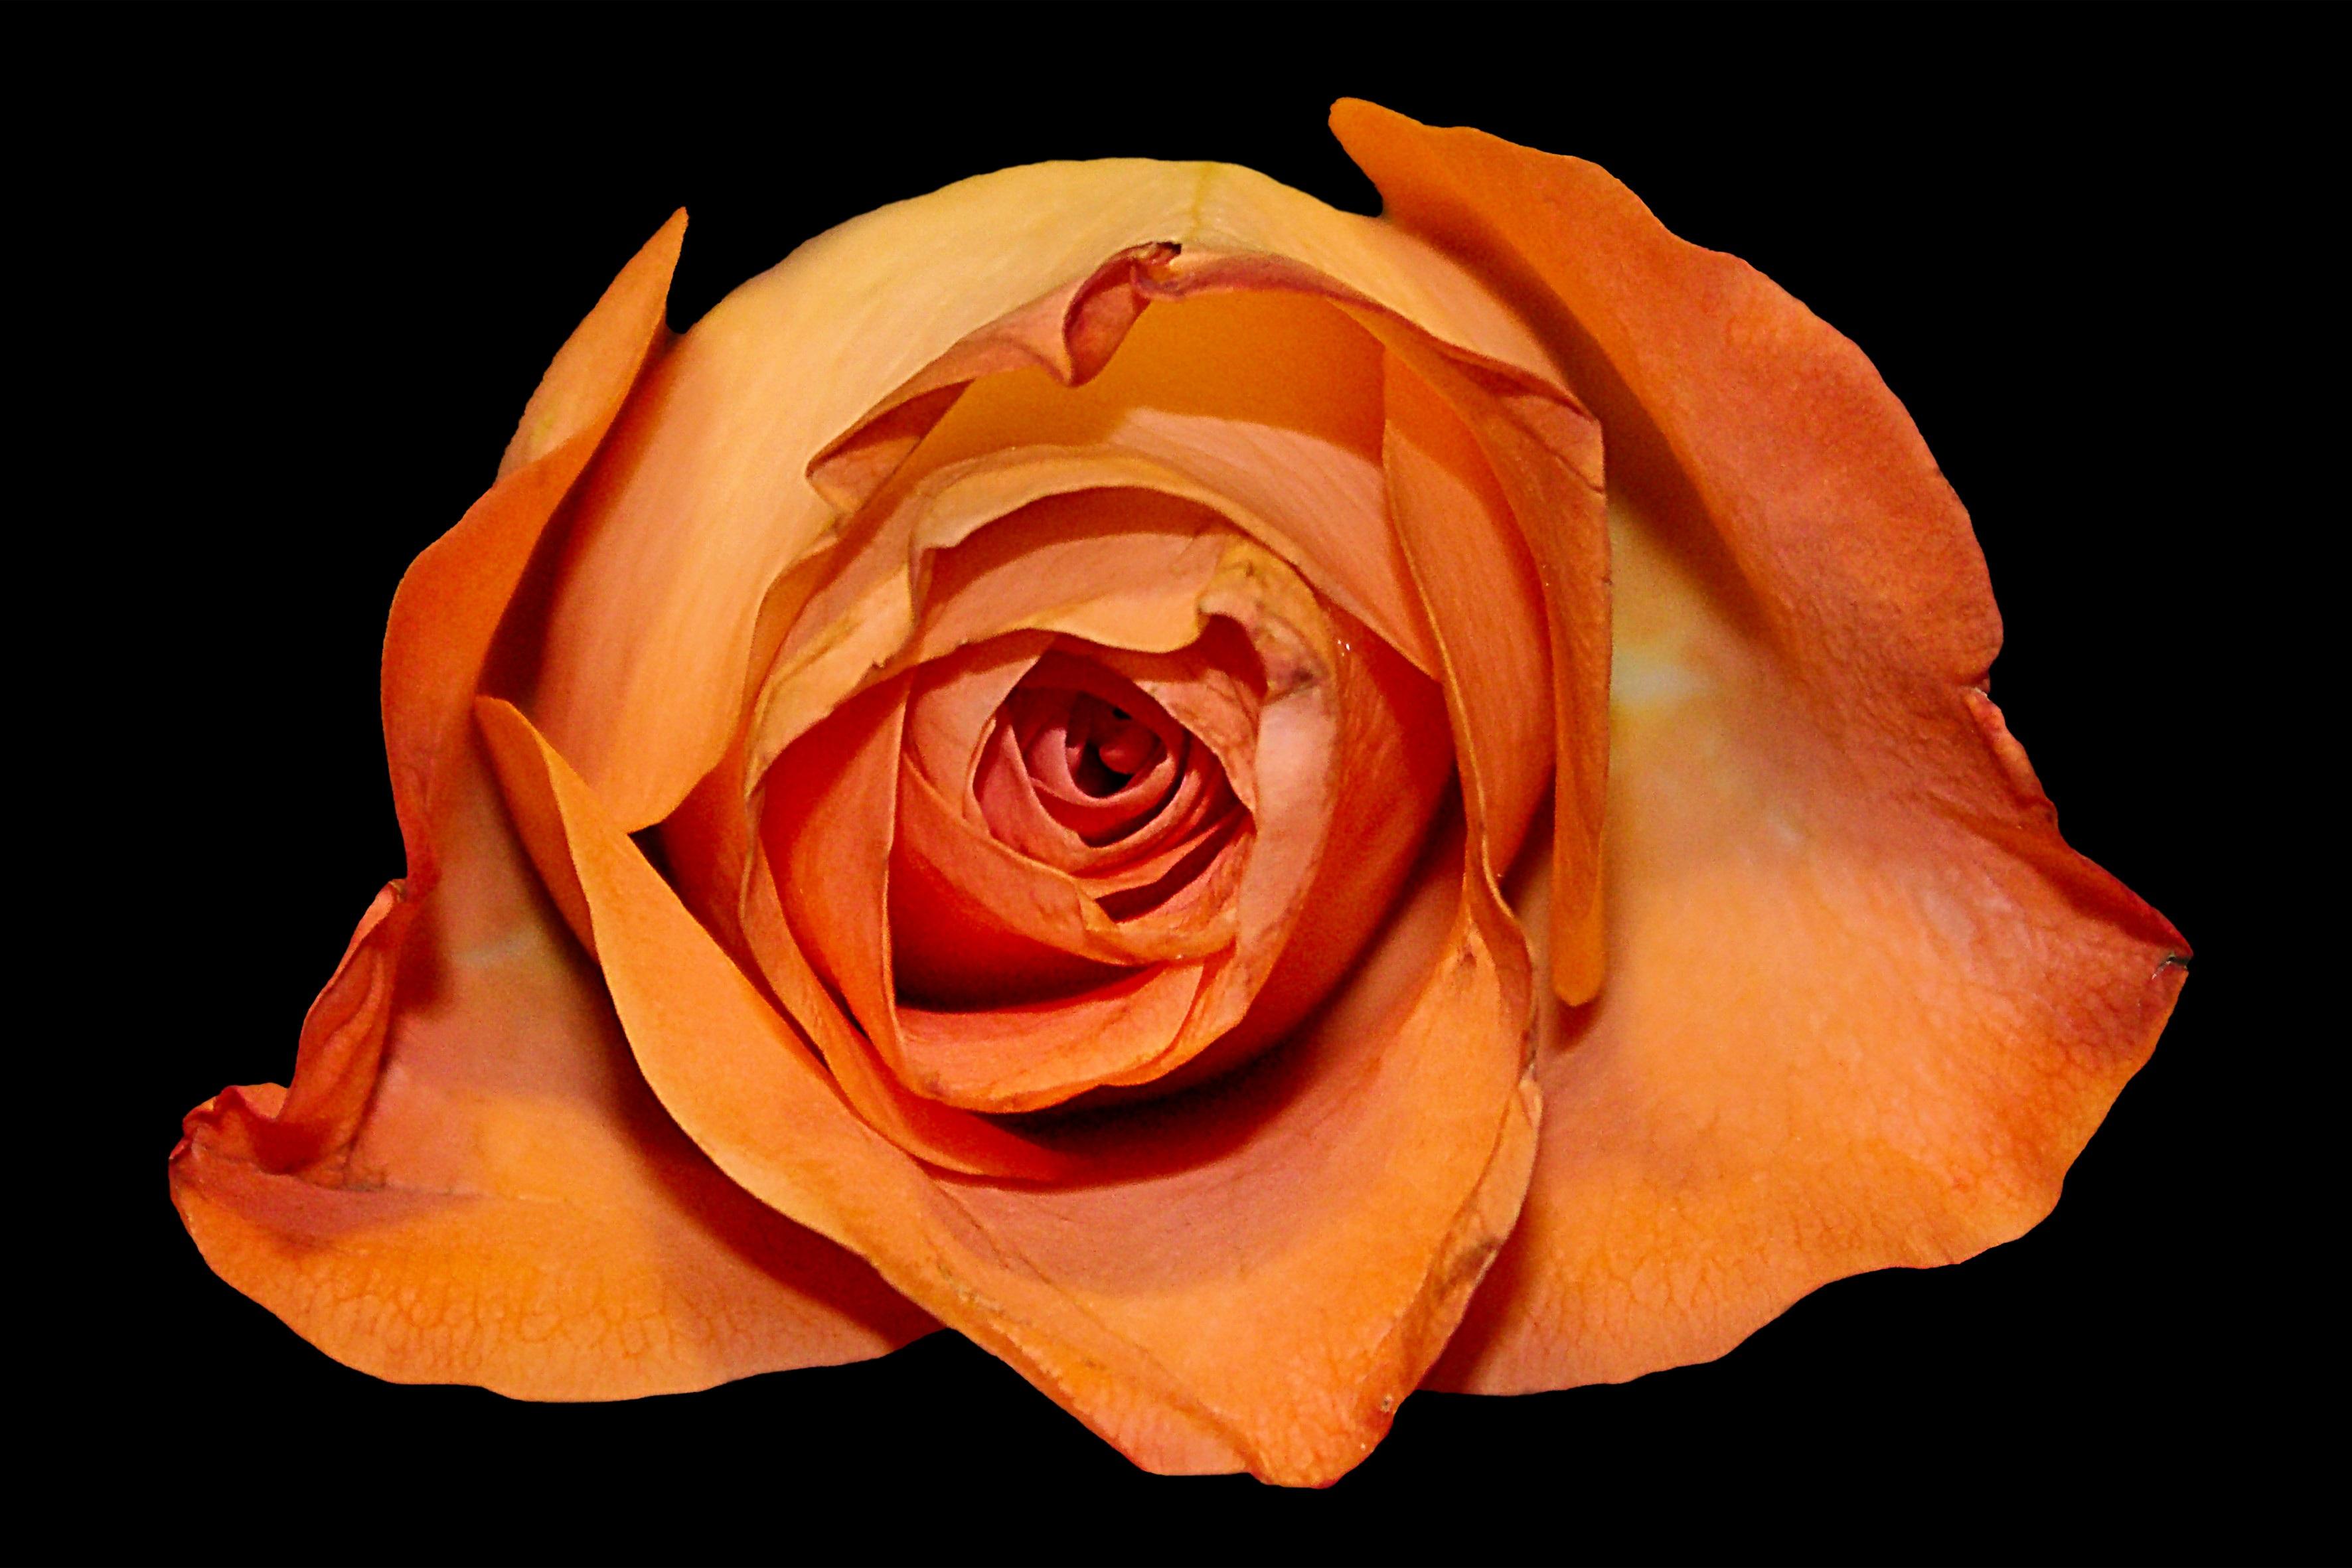 images gratuites : fleur, pétale, floraison, orange, rouge, jaune